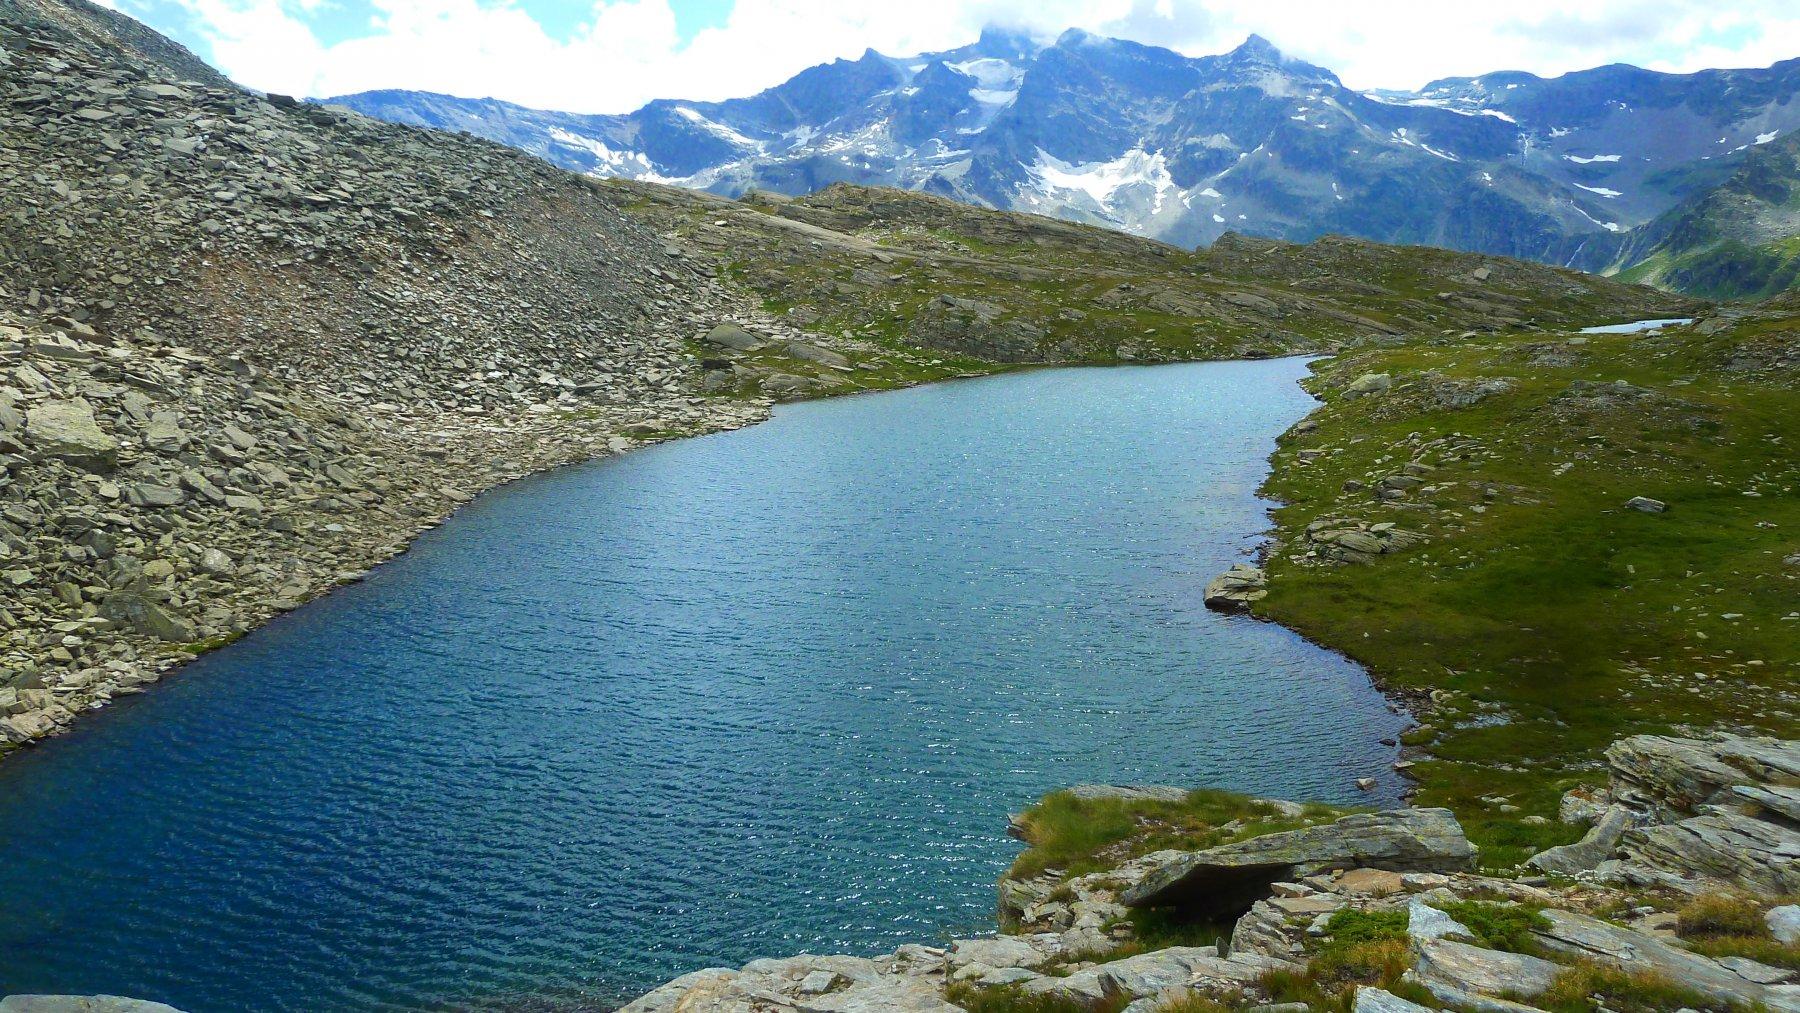 uno degli ultimi laghi in basso